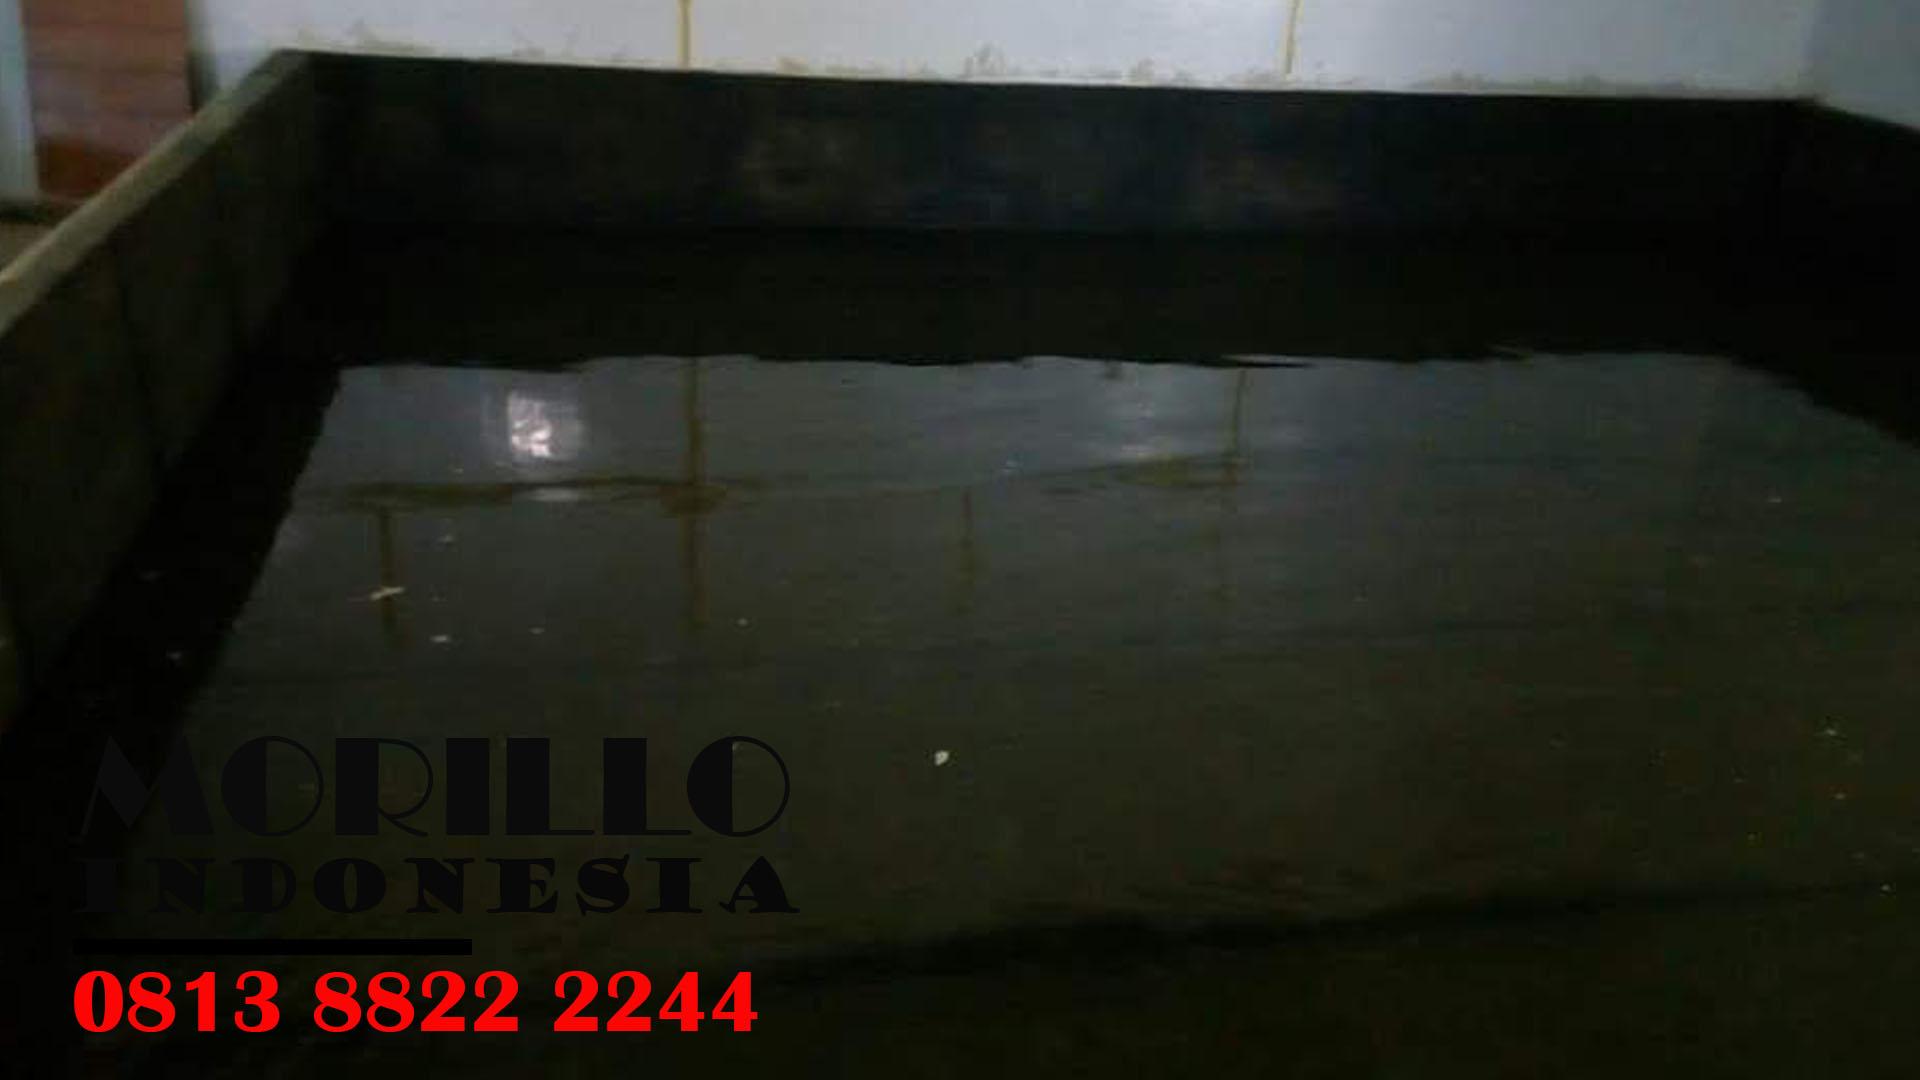 DISTRIBUTOR WATERPROOFING di SURAKARTA HUBUNGI : 08 13 88 22 22 44